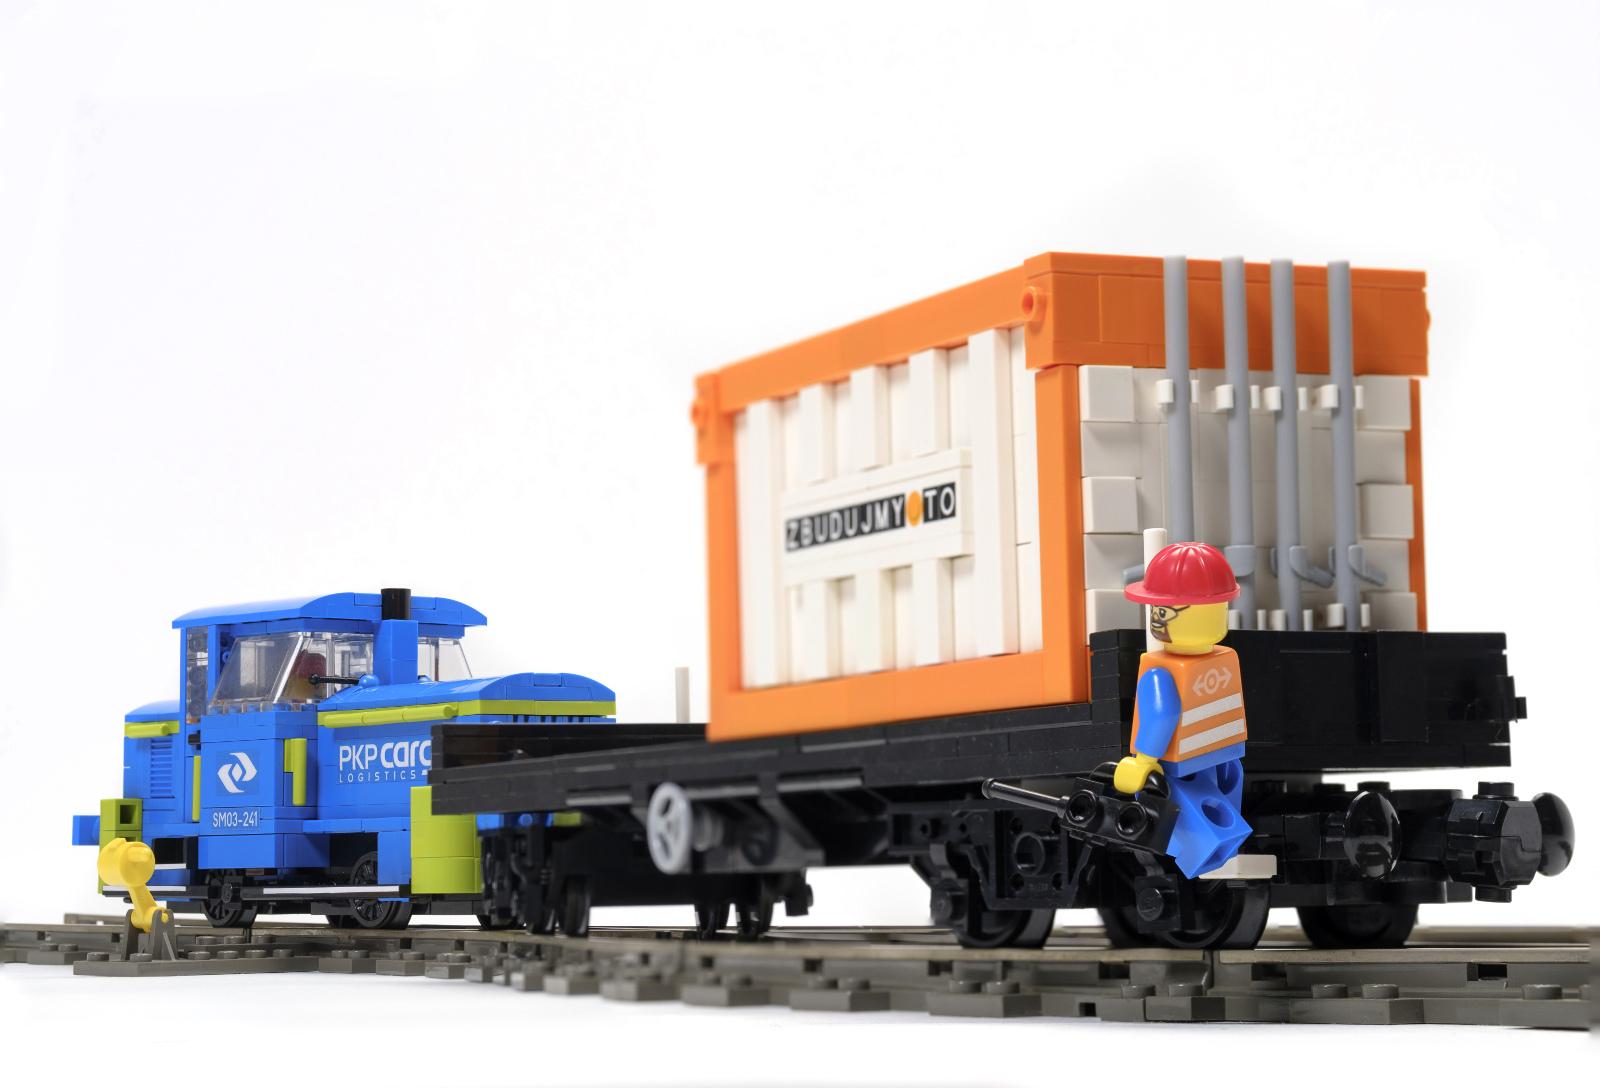 lego саморобка потяг